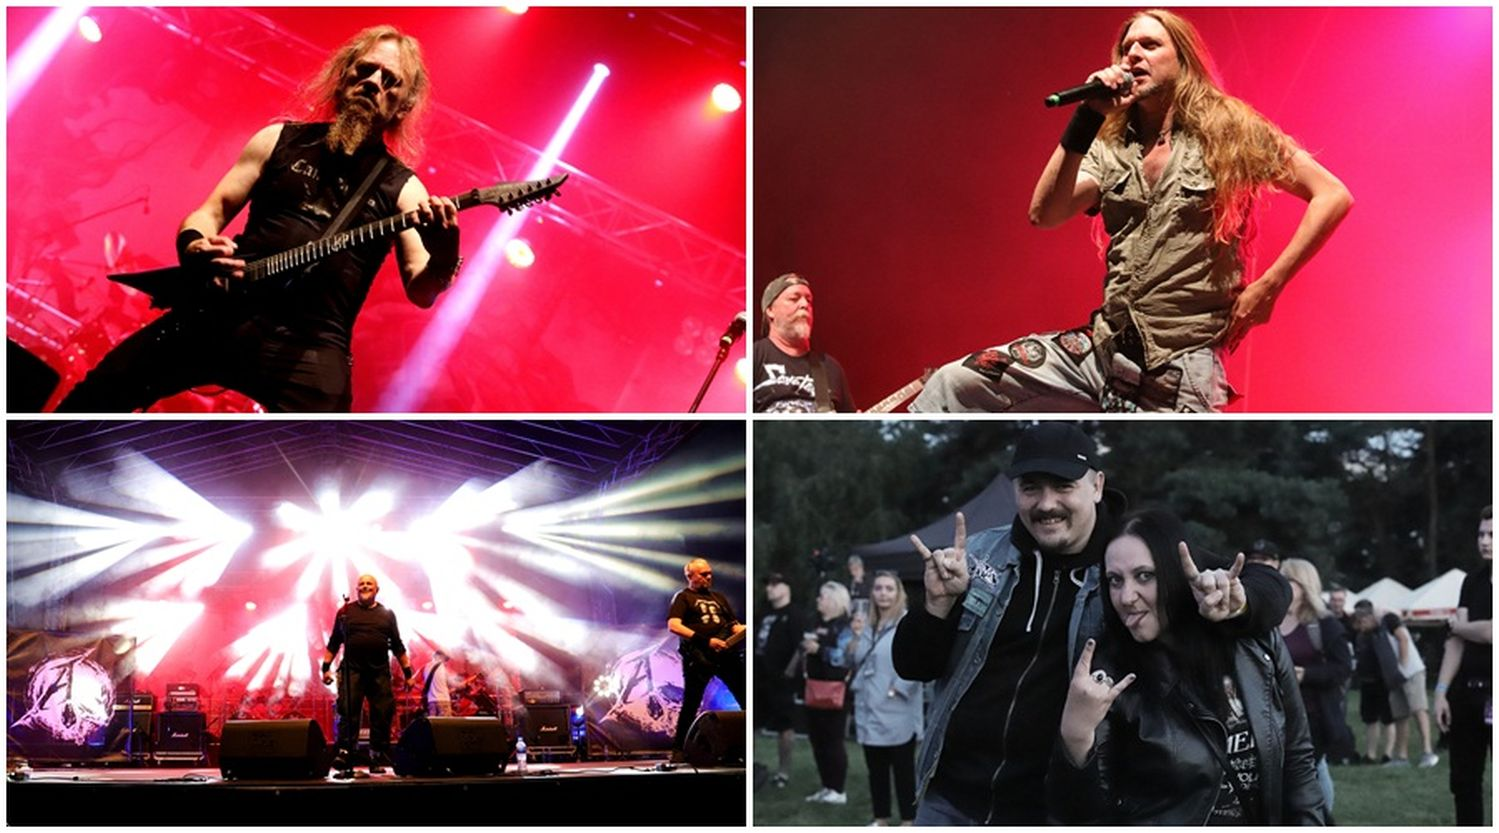 Mocne brzmienia w Kutnie! Festiwal Rock&Rose na finiszu [ZDJĘCIA] - Zdjęcie główne